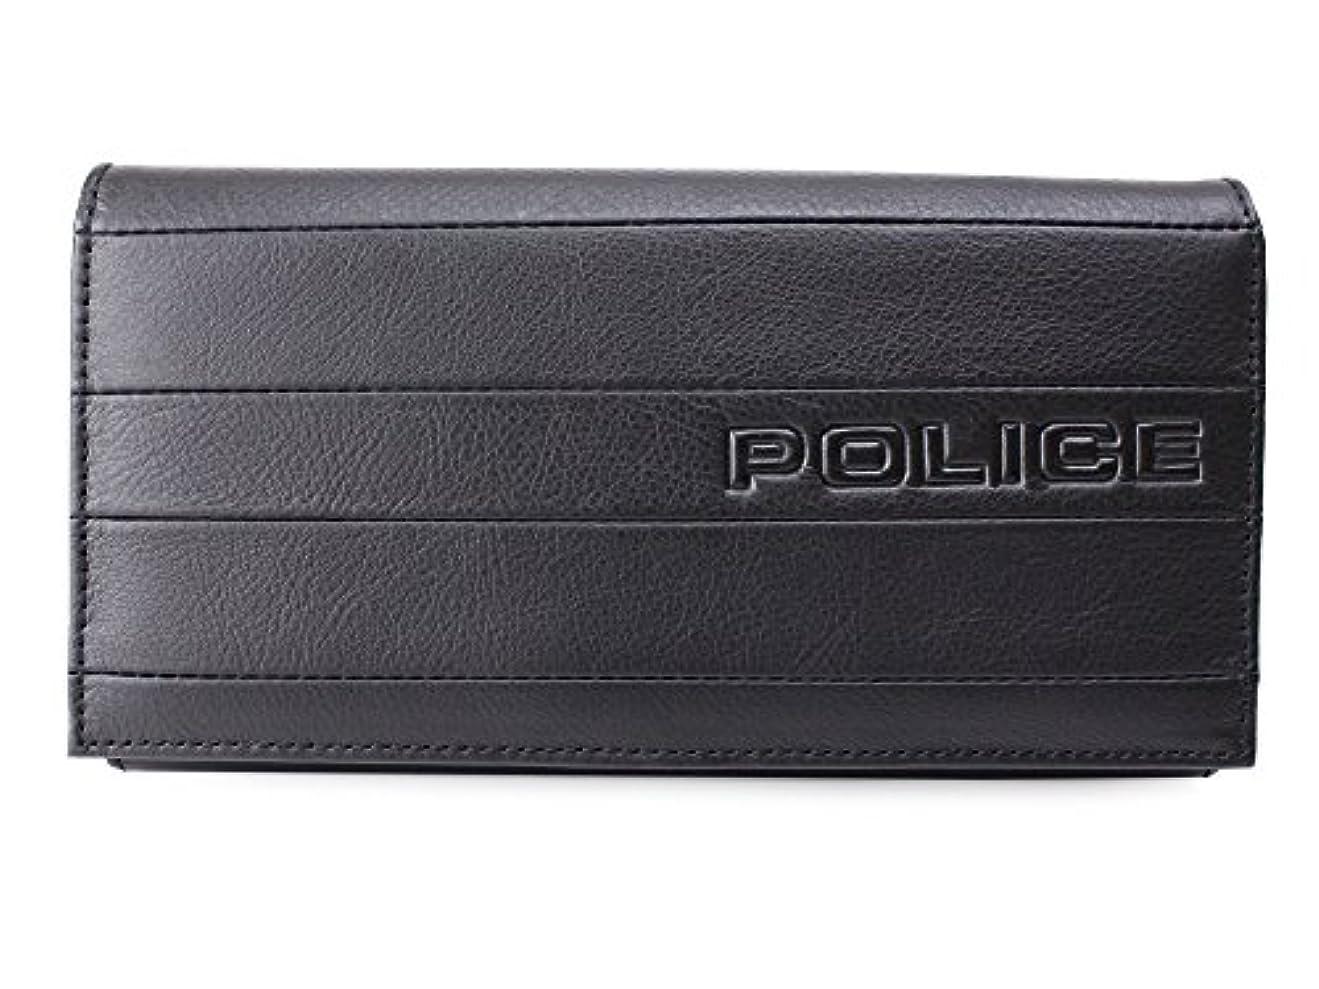 レディカカドゥ追加(ポリス) POLICE 長財布 BICOLORE ビコローレ 0407 PA-59902 (ブラック(01))